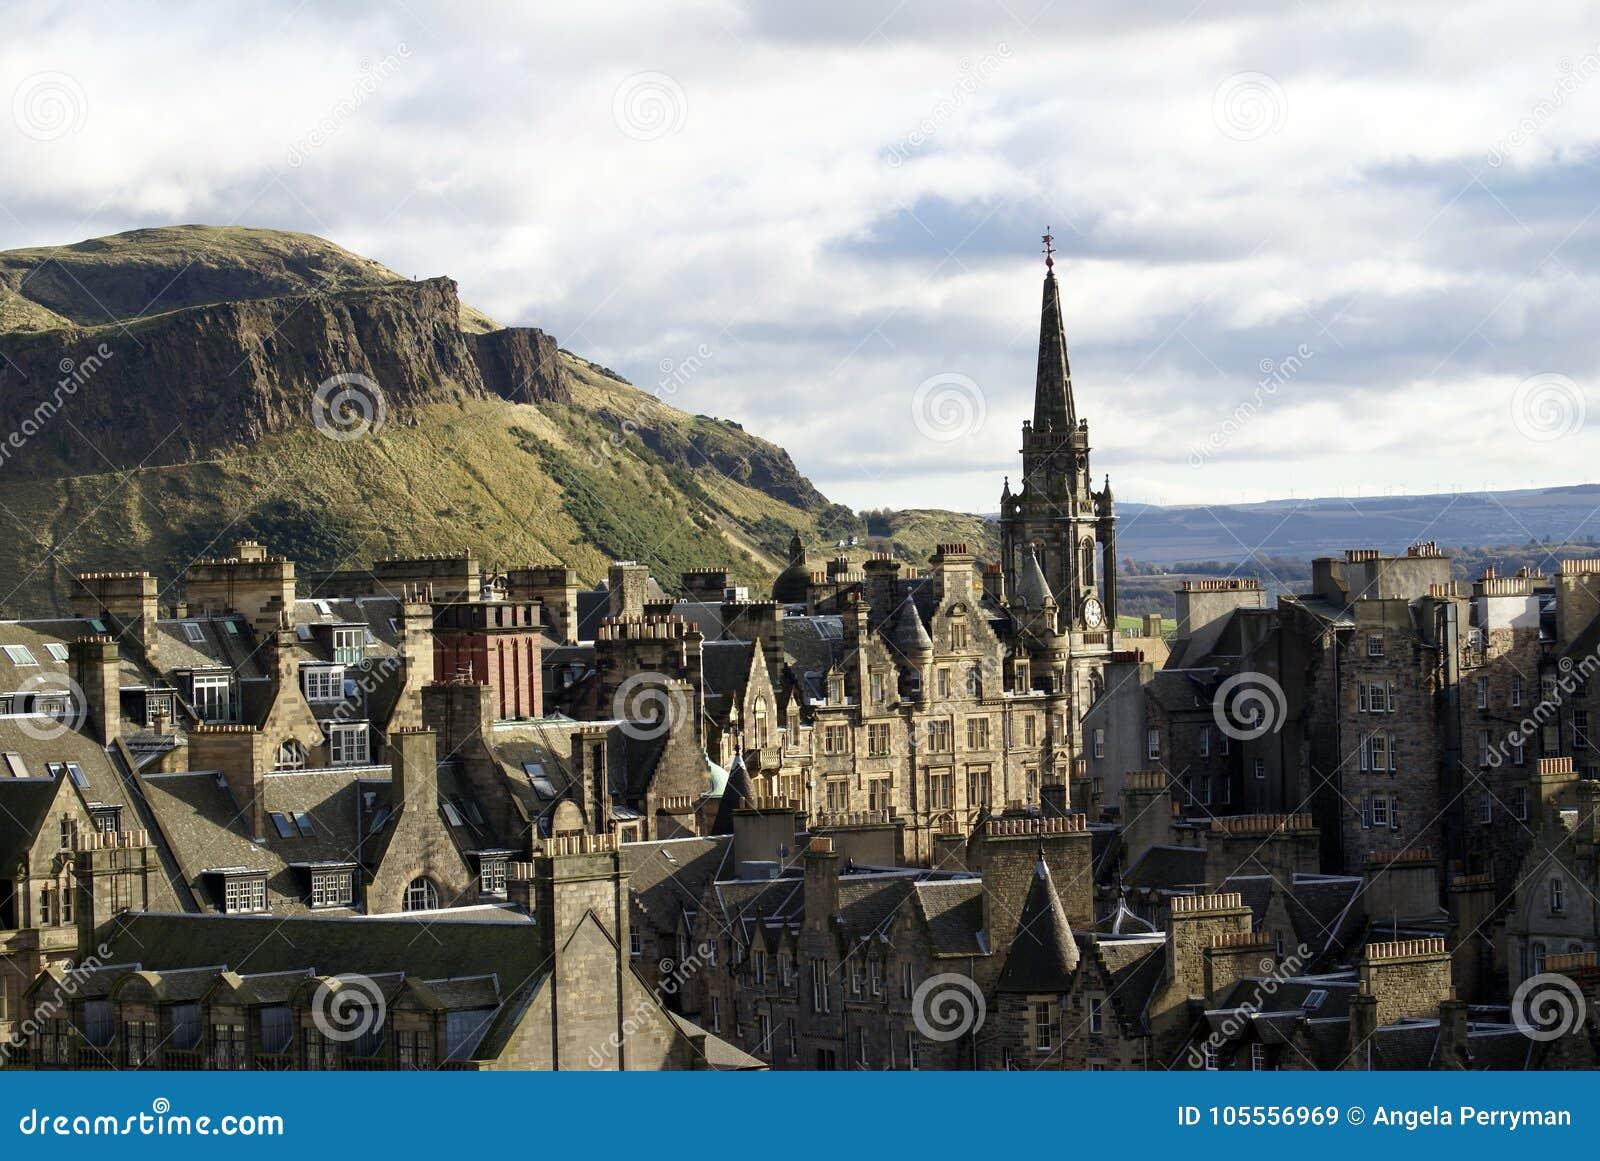 Tron Kirk Spire en ciudad vieja en Edimburgo